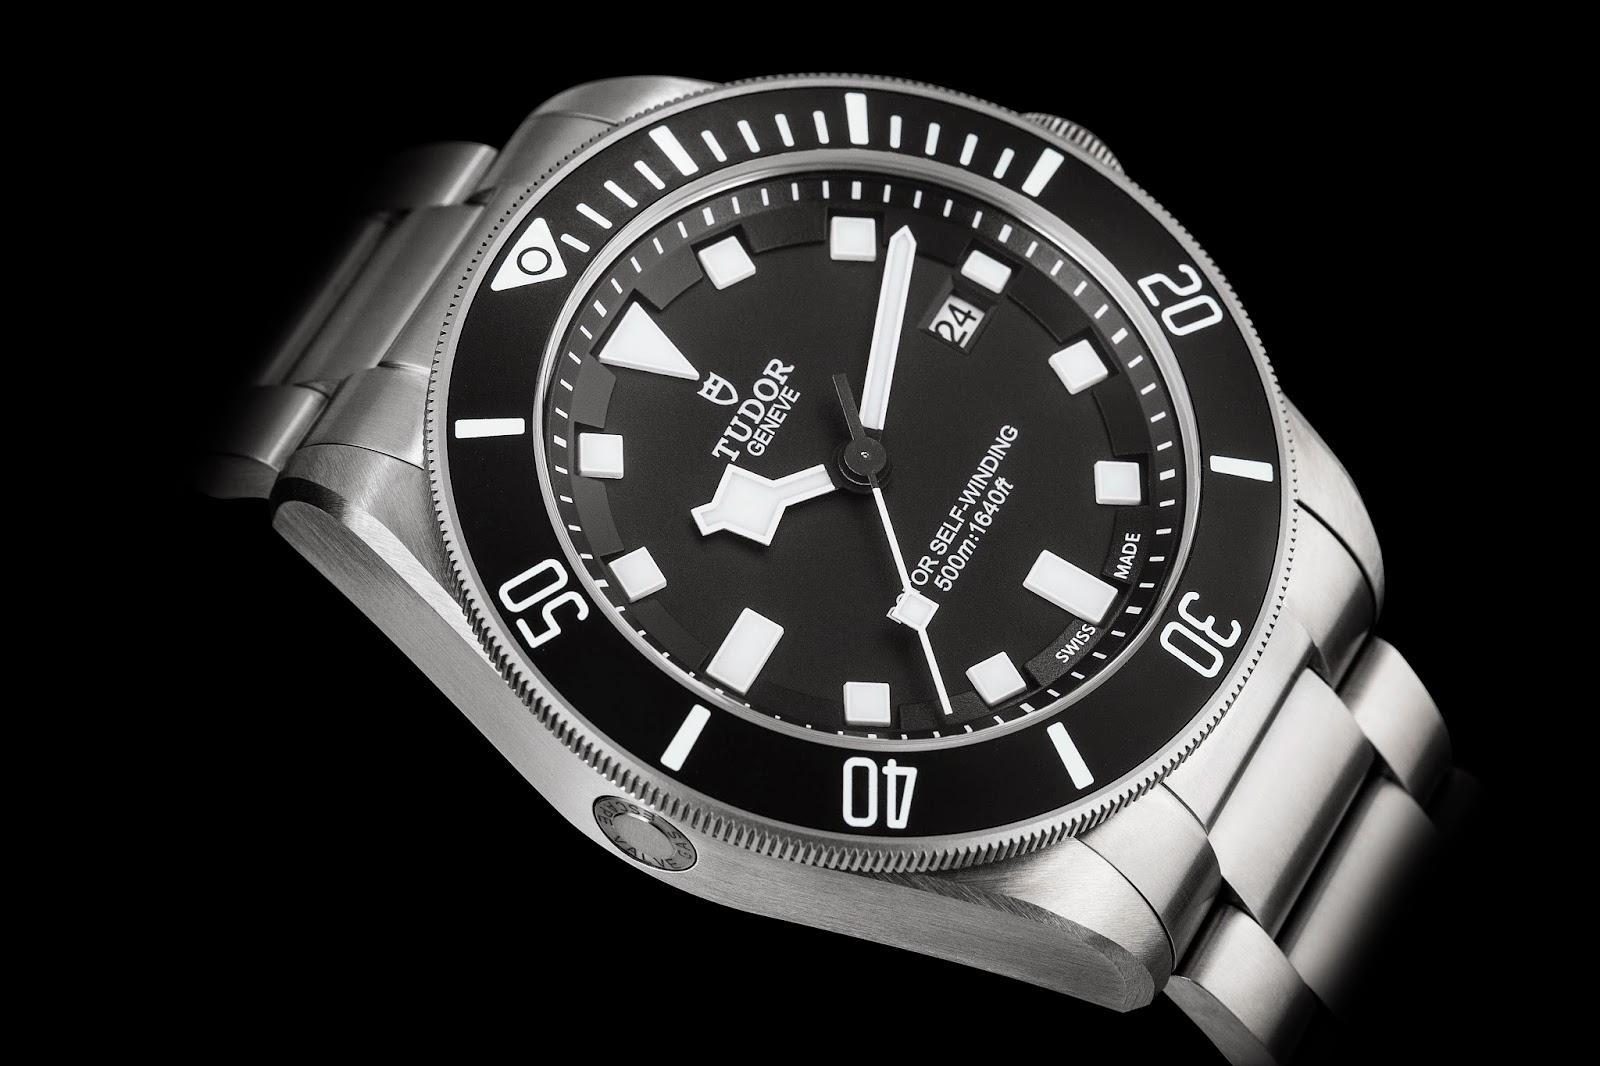 Tudor Pelagos Watch